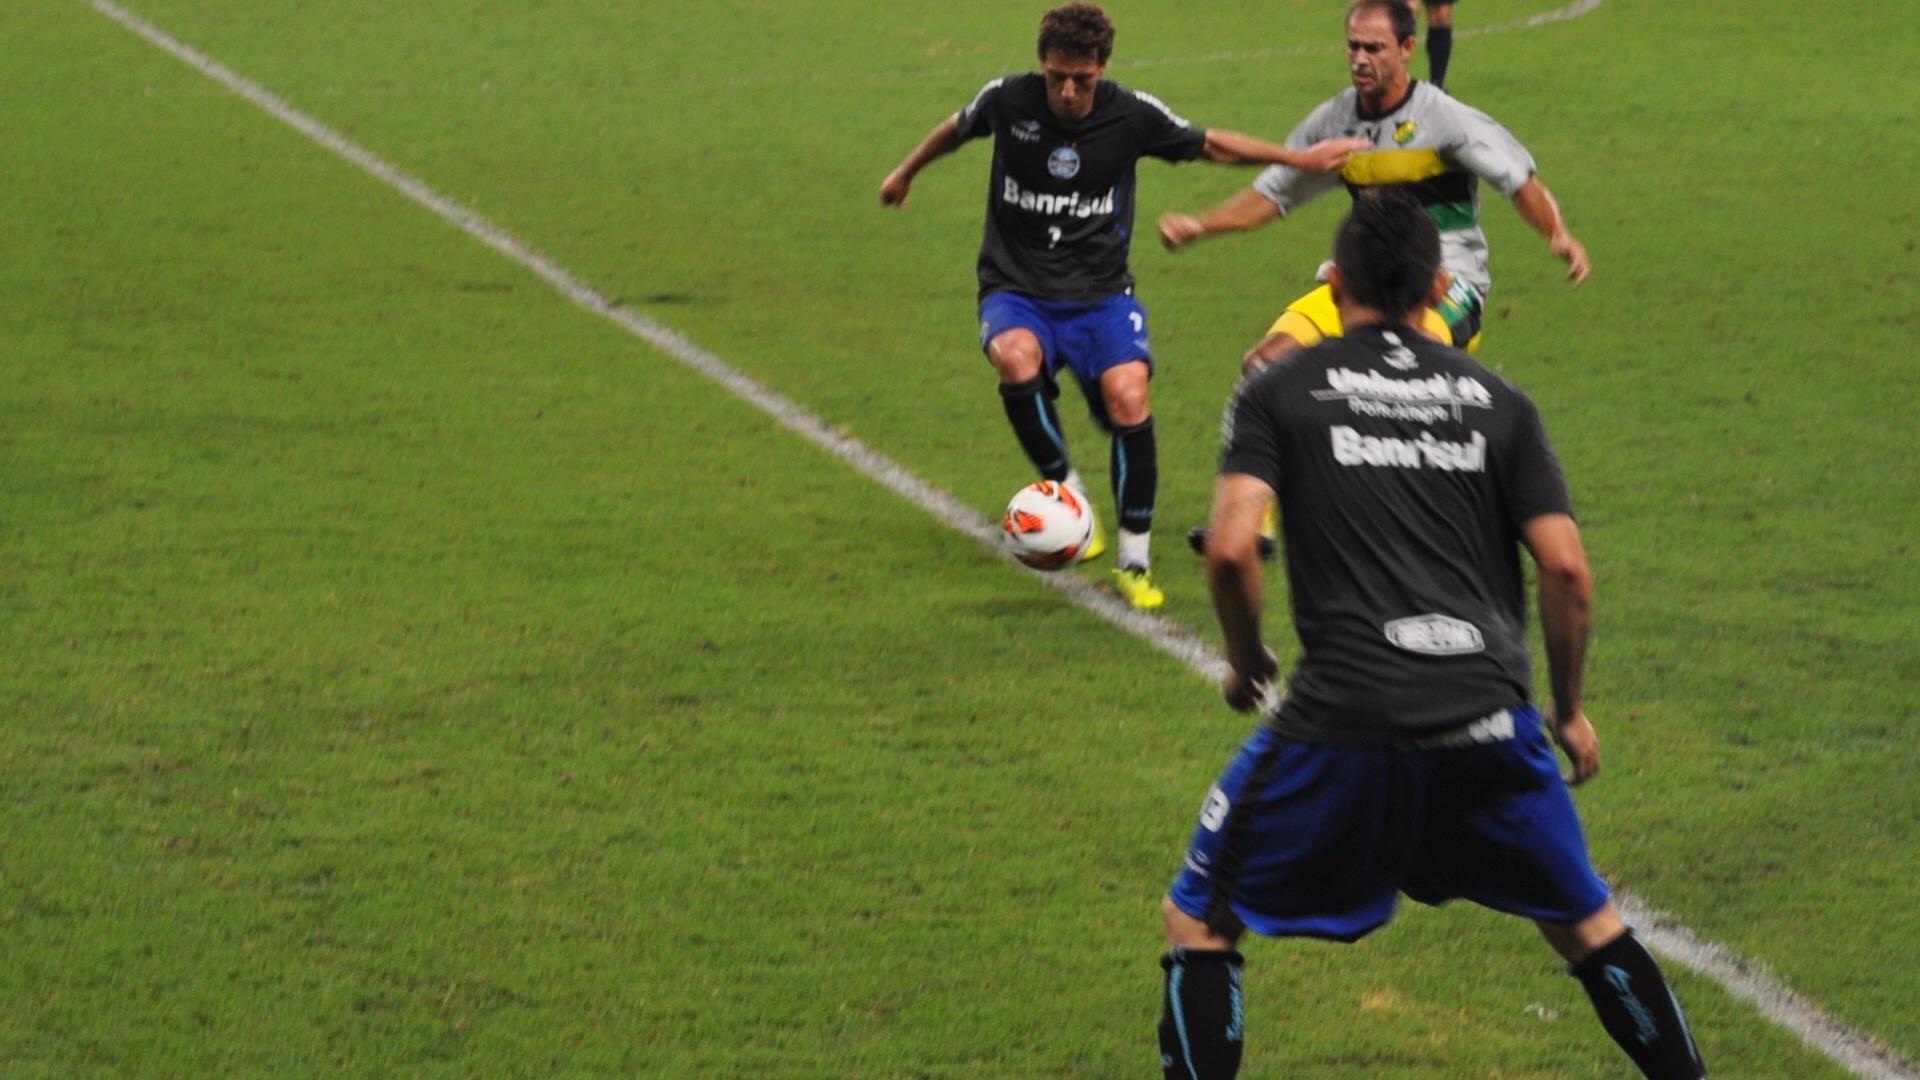 Elano domina a bola em jogo-treino do Grêmio com o Cerâmica (02/03/2013)